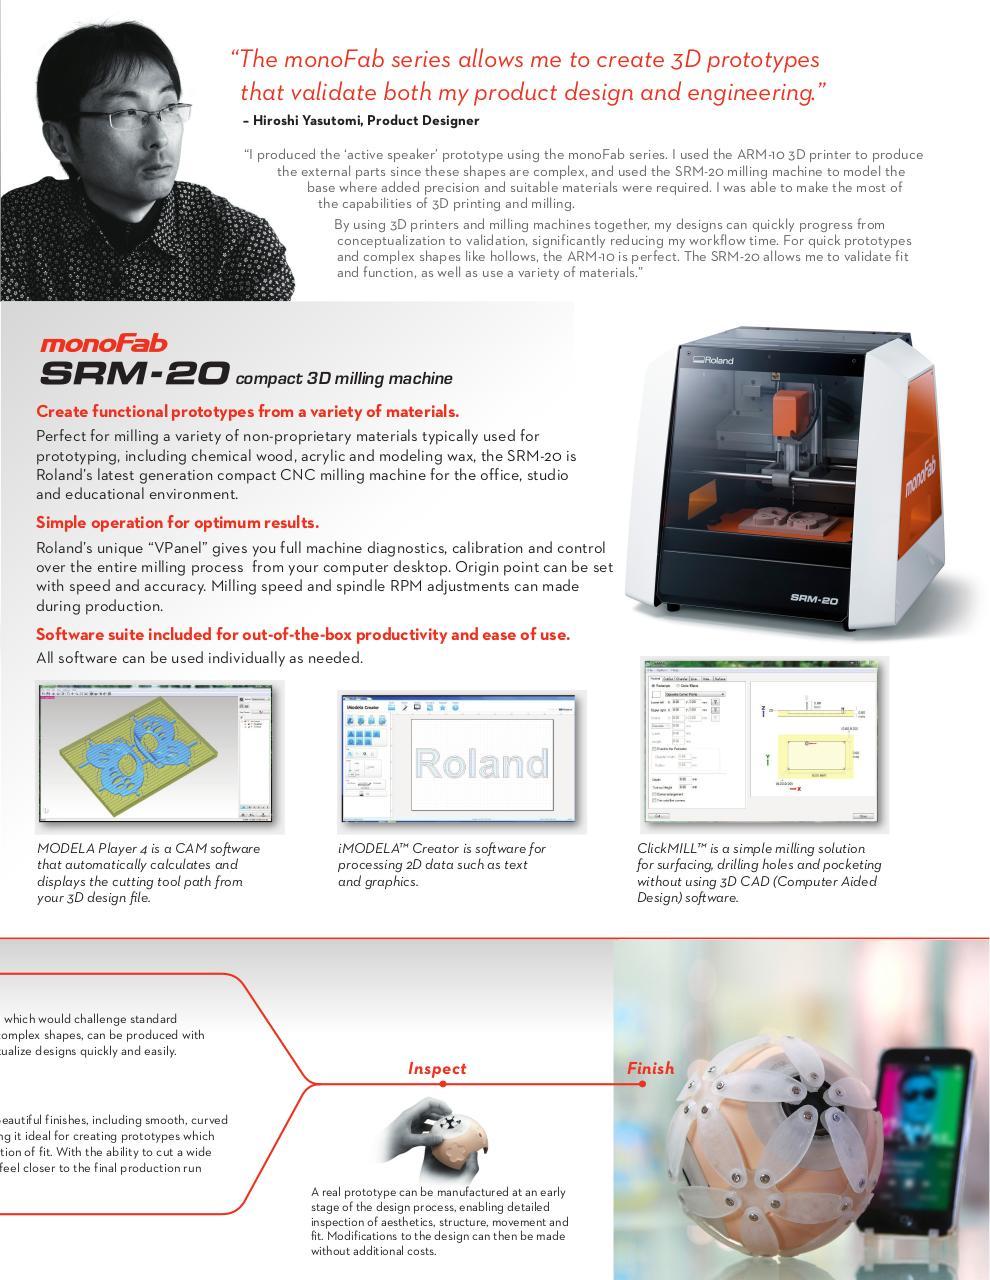 monoFab Brochure 2 - monoFab Brochure pdf - Fichier PDF